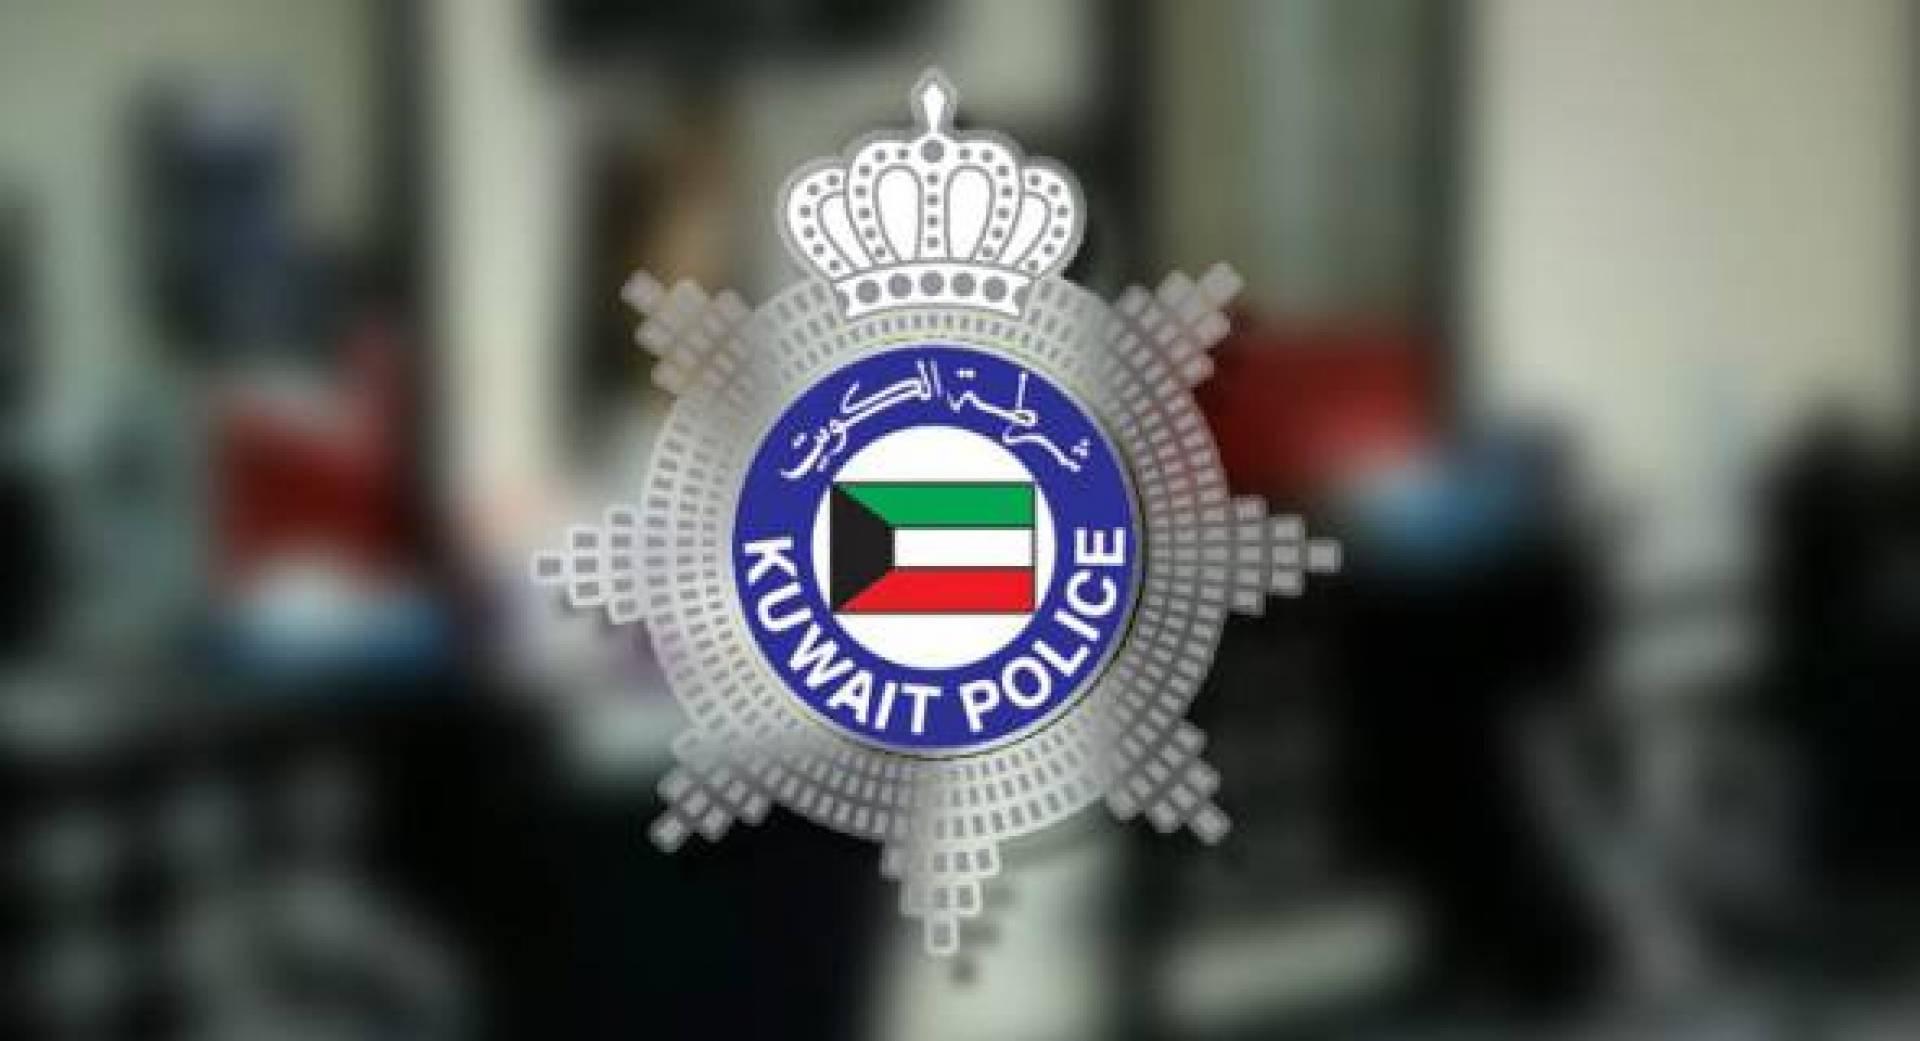 سطو مسلّح على محل صرافة بساطور في منطقة سعد العبدالله